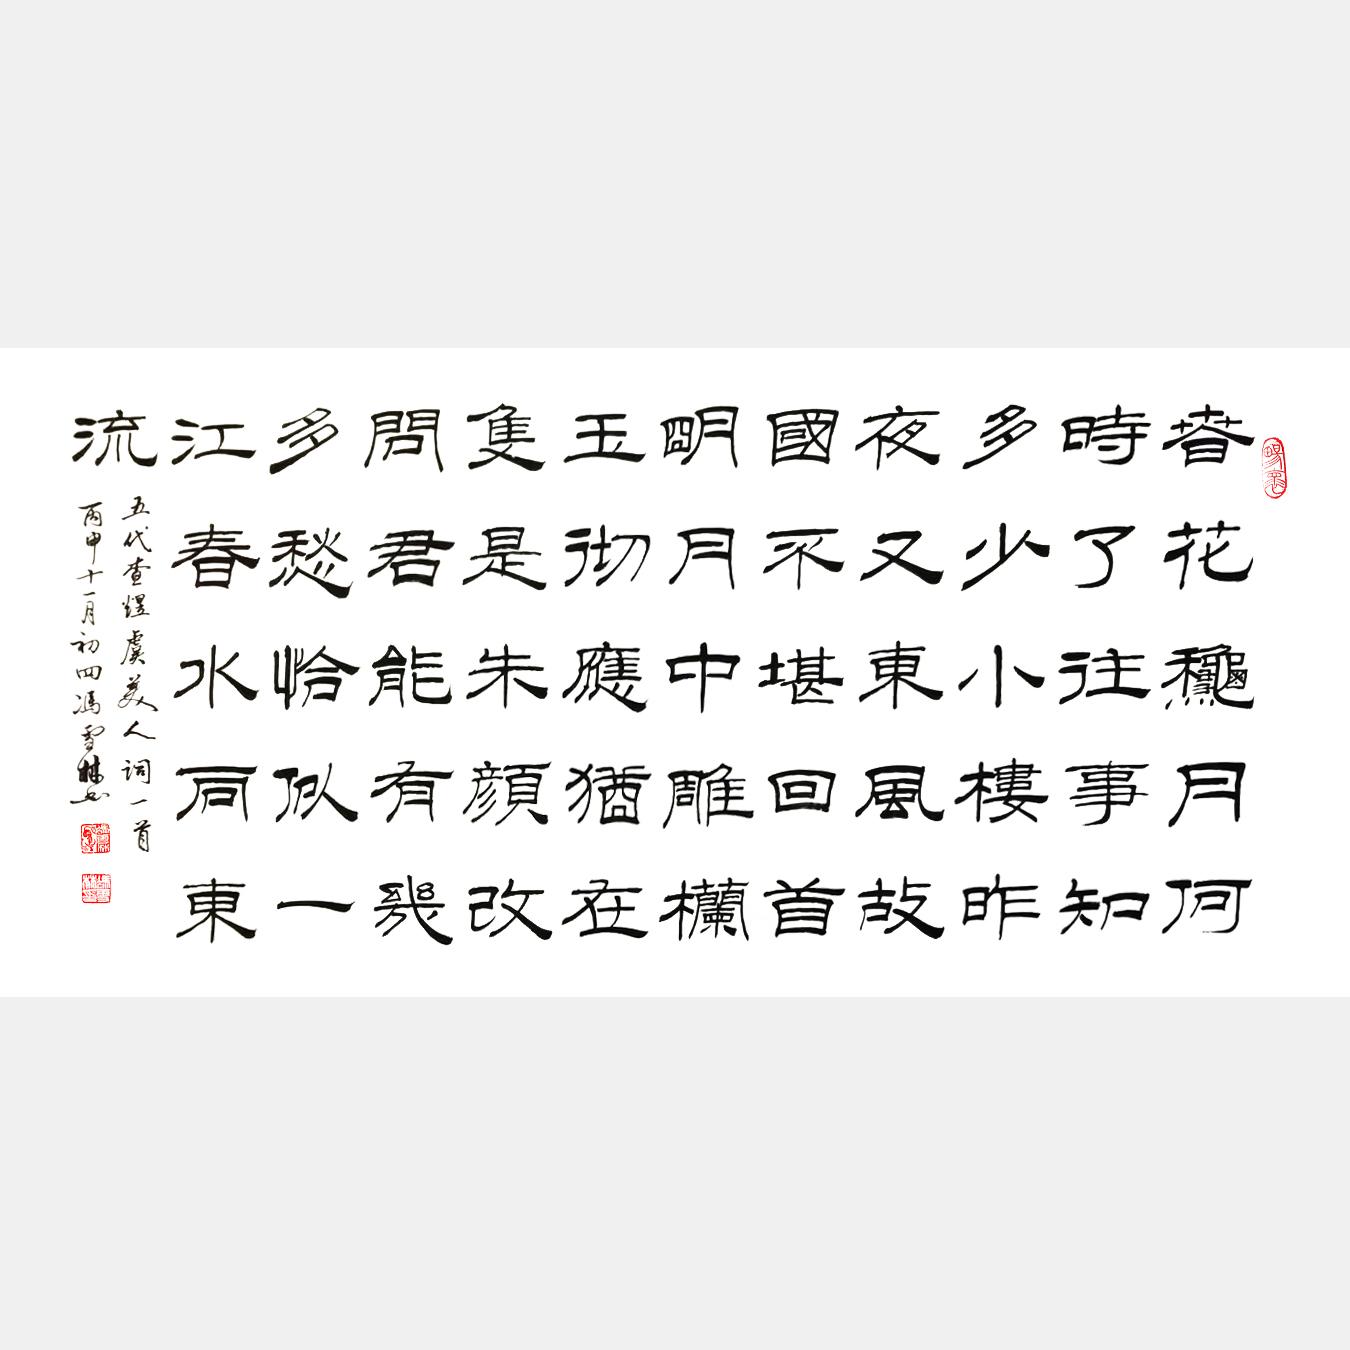 李煜《虞美人·春花秋月何时了》书法作品